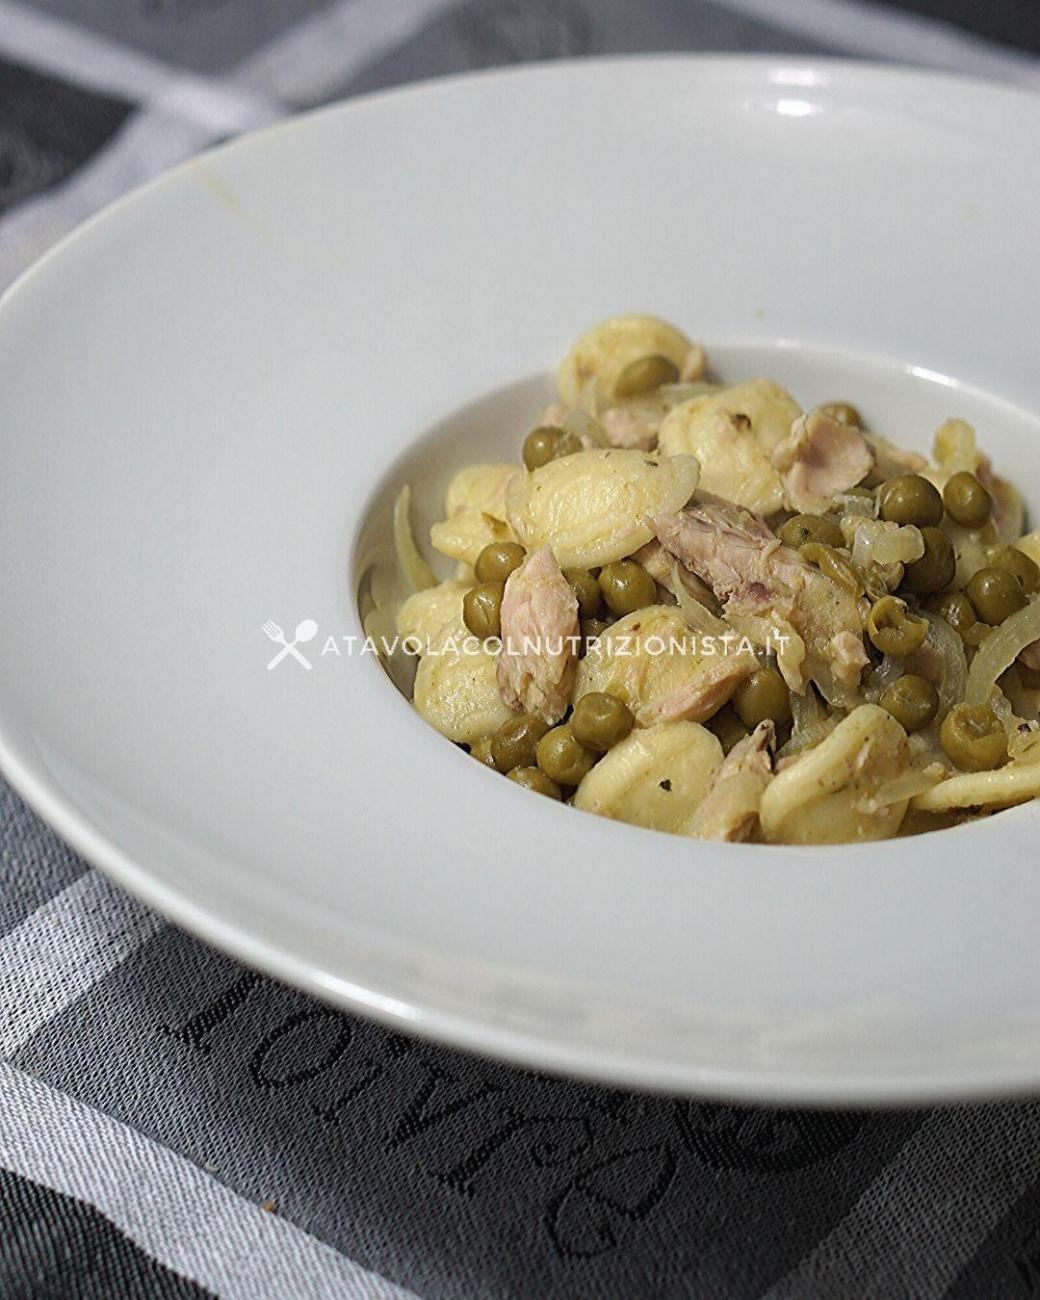 Pasta con Tonno e Piselli: La ricetta del piatto unico veloce e gustoso